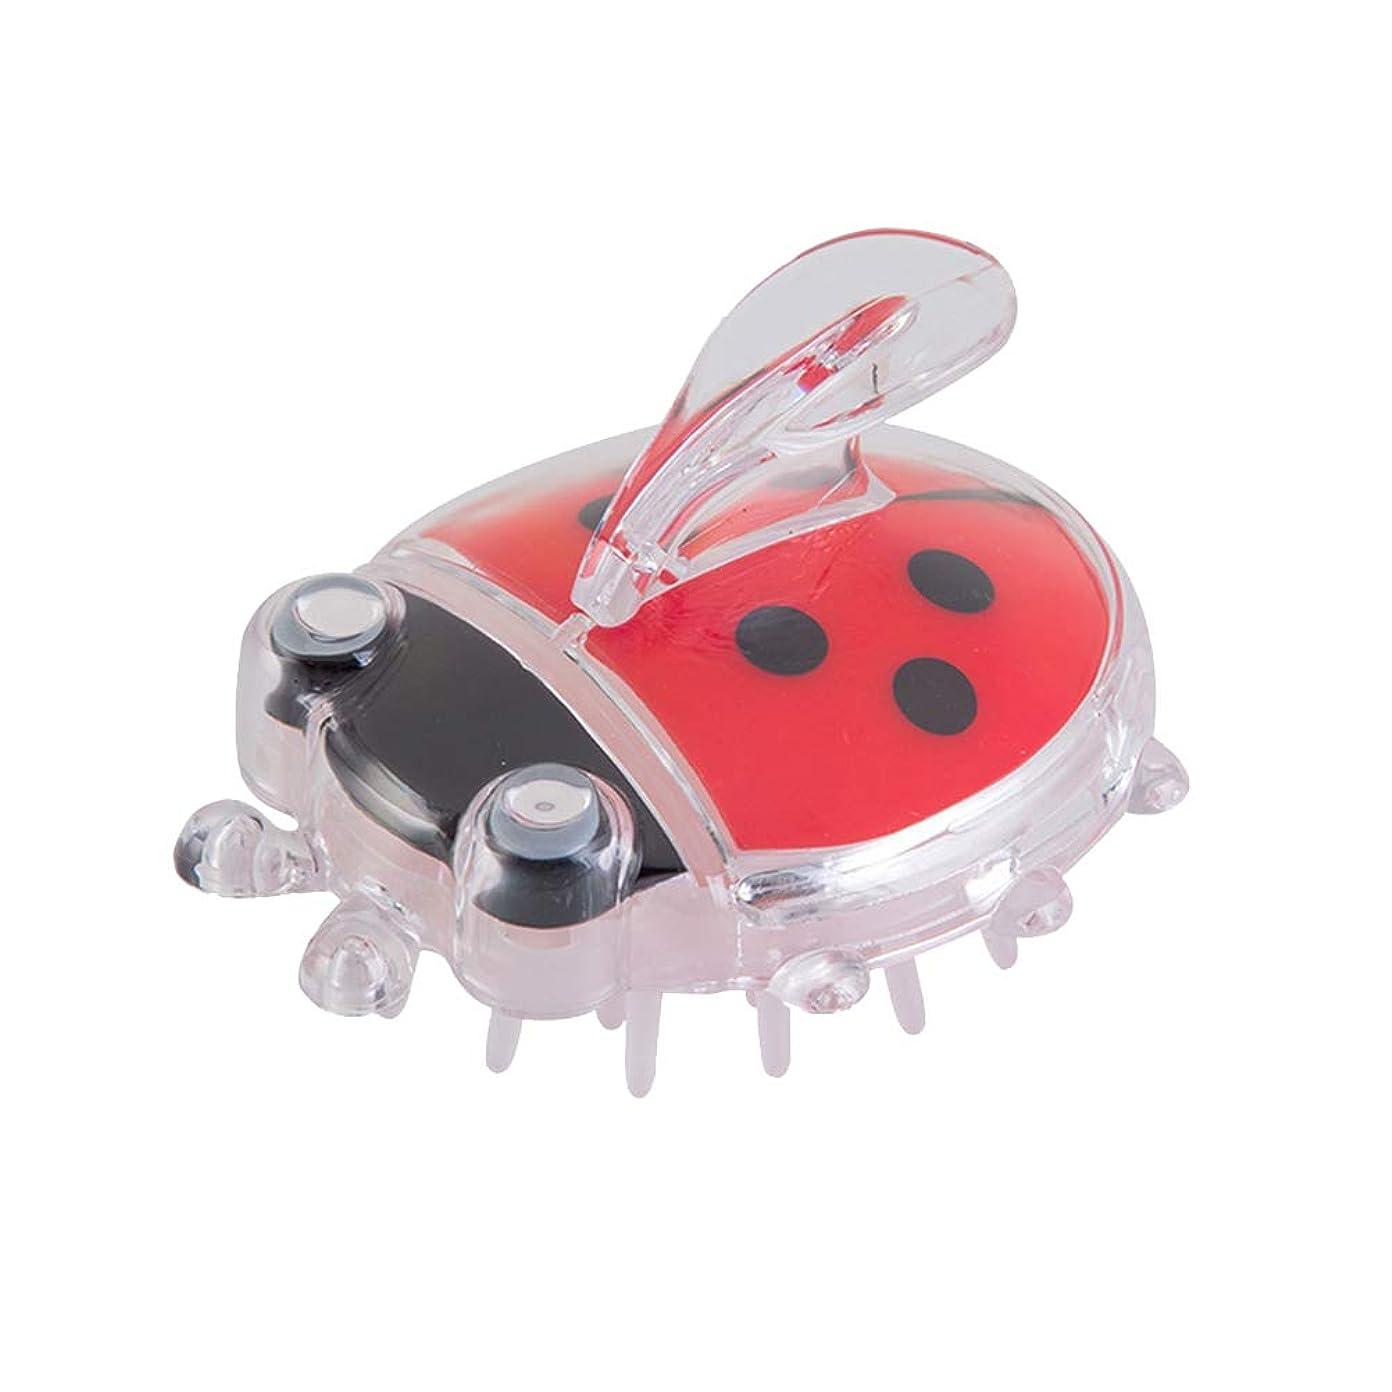 速いあからさま担当者TOPBATHY 生まれたばかりの乳児の赤ちゃんのためのマッサージコームヘアーブラシヘッドバスブラシ(赤Coccinella)1個